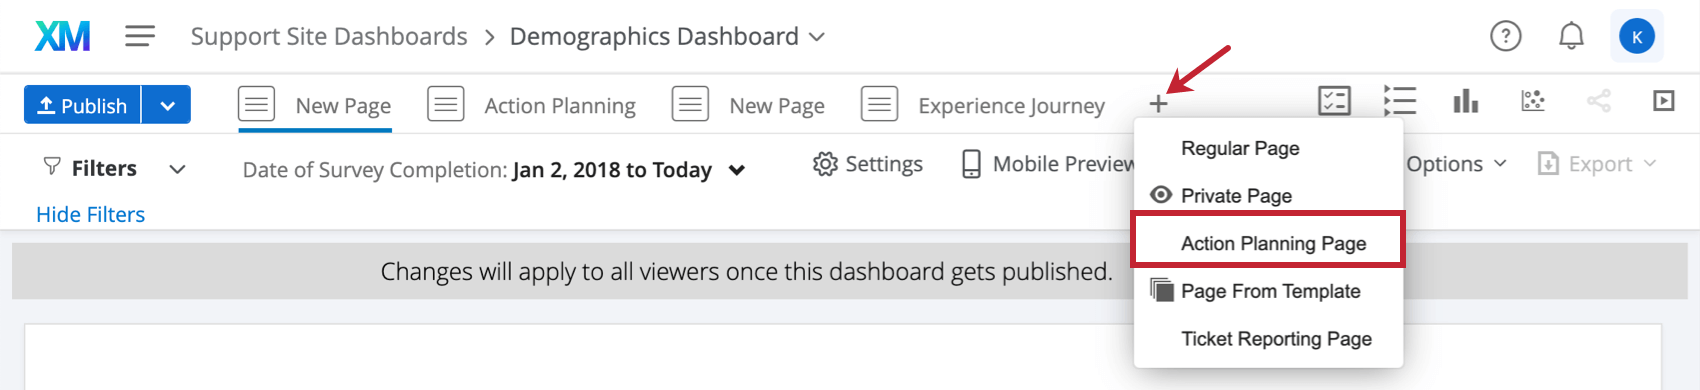 Schaltfläche Neue Seite oben links im Dashboard. Eine der Optionen ist Aktionsplanseite.